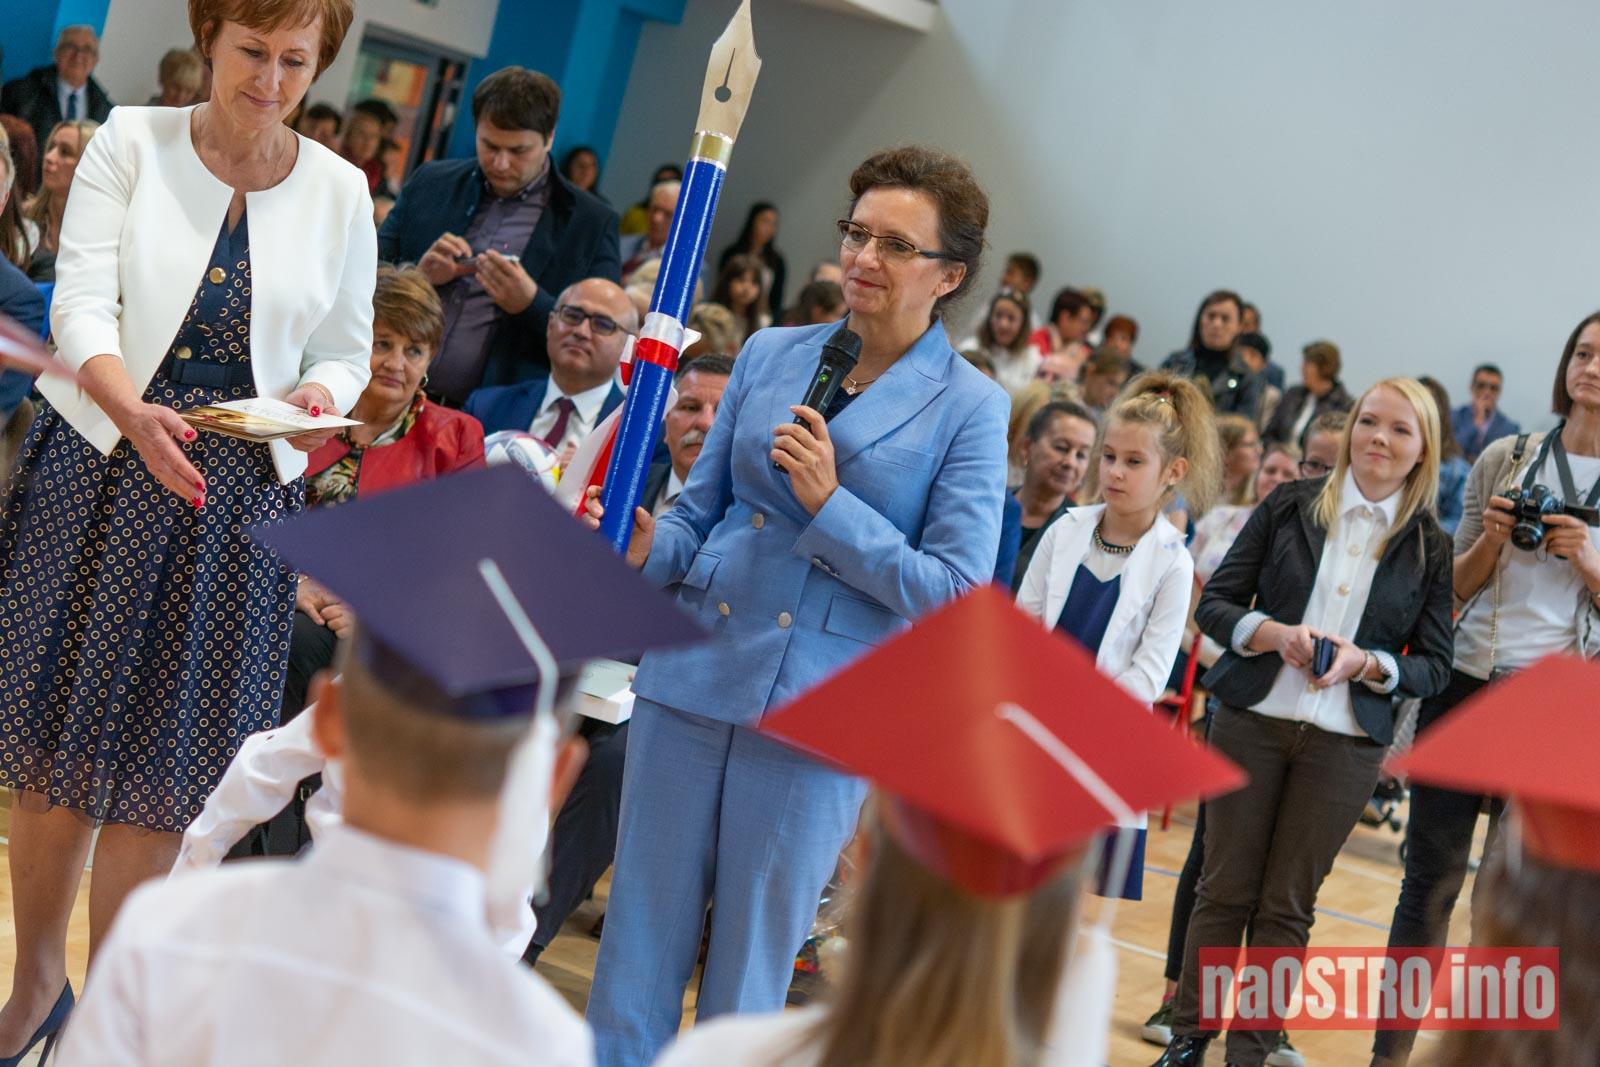 NaOSTRO Otwarcie Szkoły w Bałtowie-154